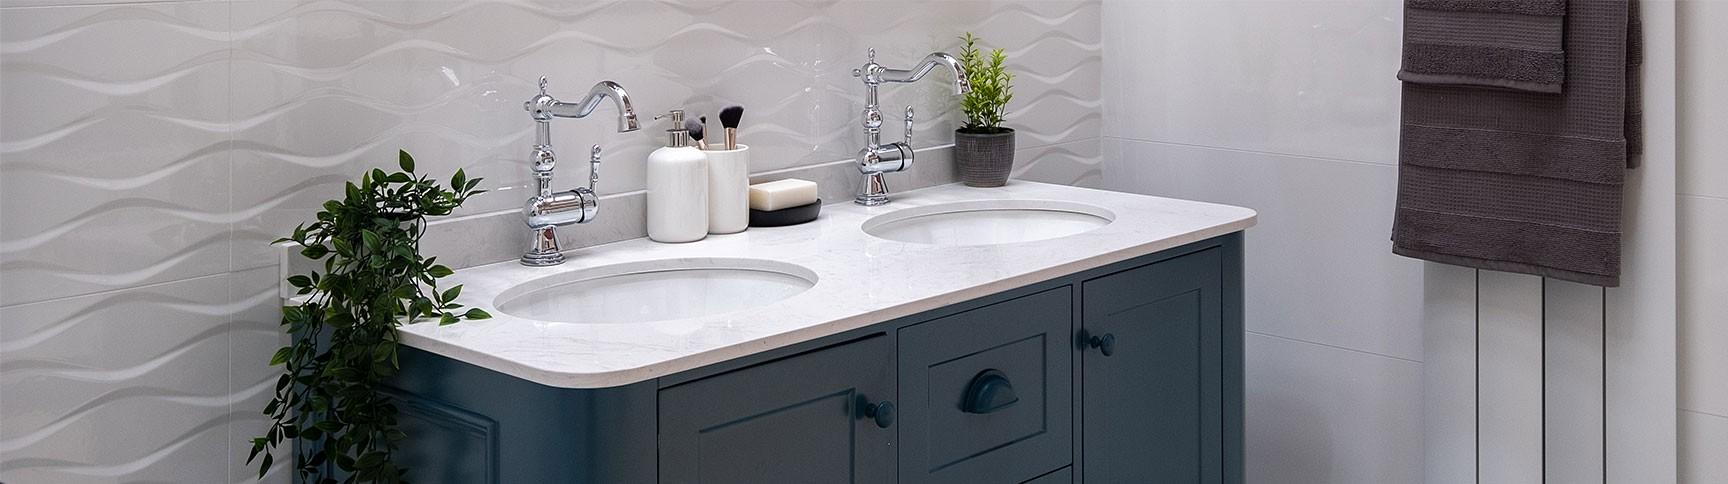 Basins   Wash Basins   Bathroom Sinks   World of Tiles, Bathrooms & Wood Flooring